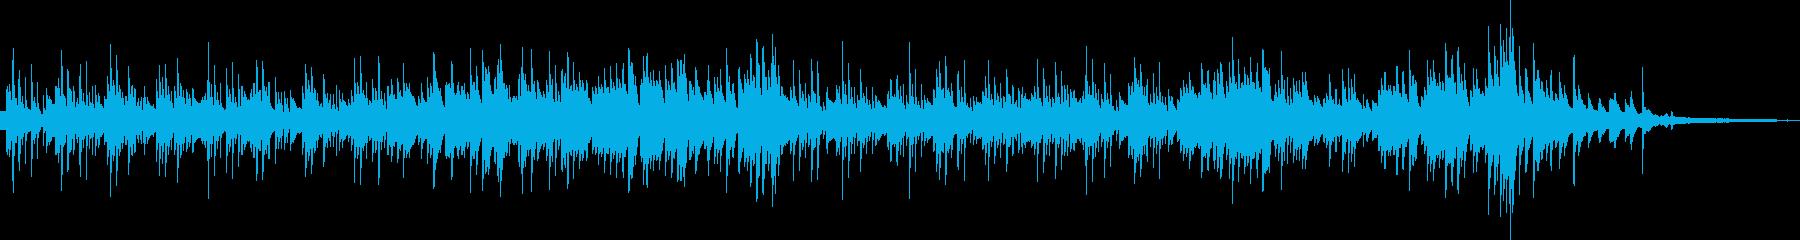 語りかけるピアノソロ(単調に・寂しげ)の再生済みの波形